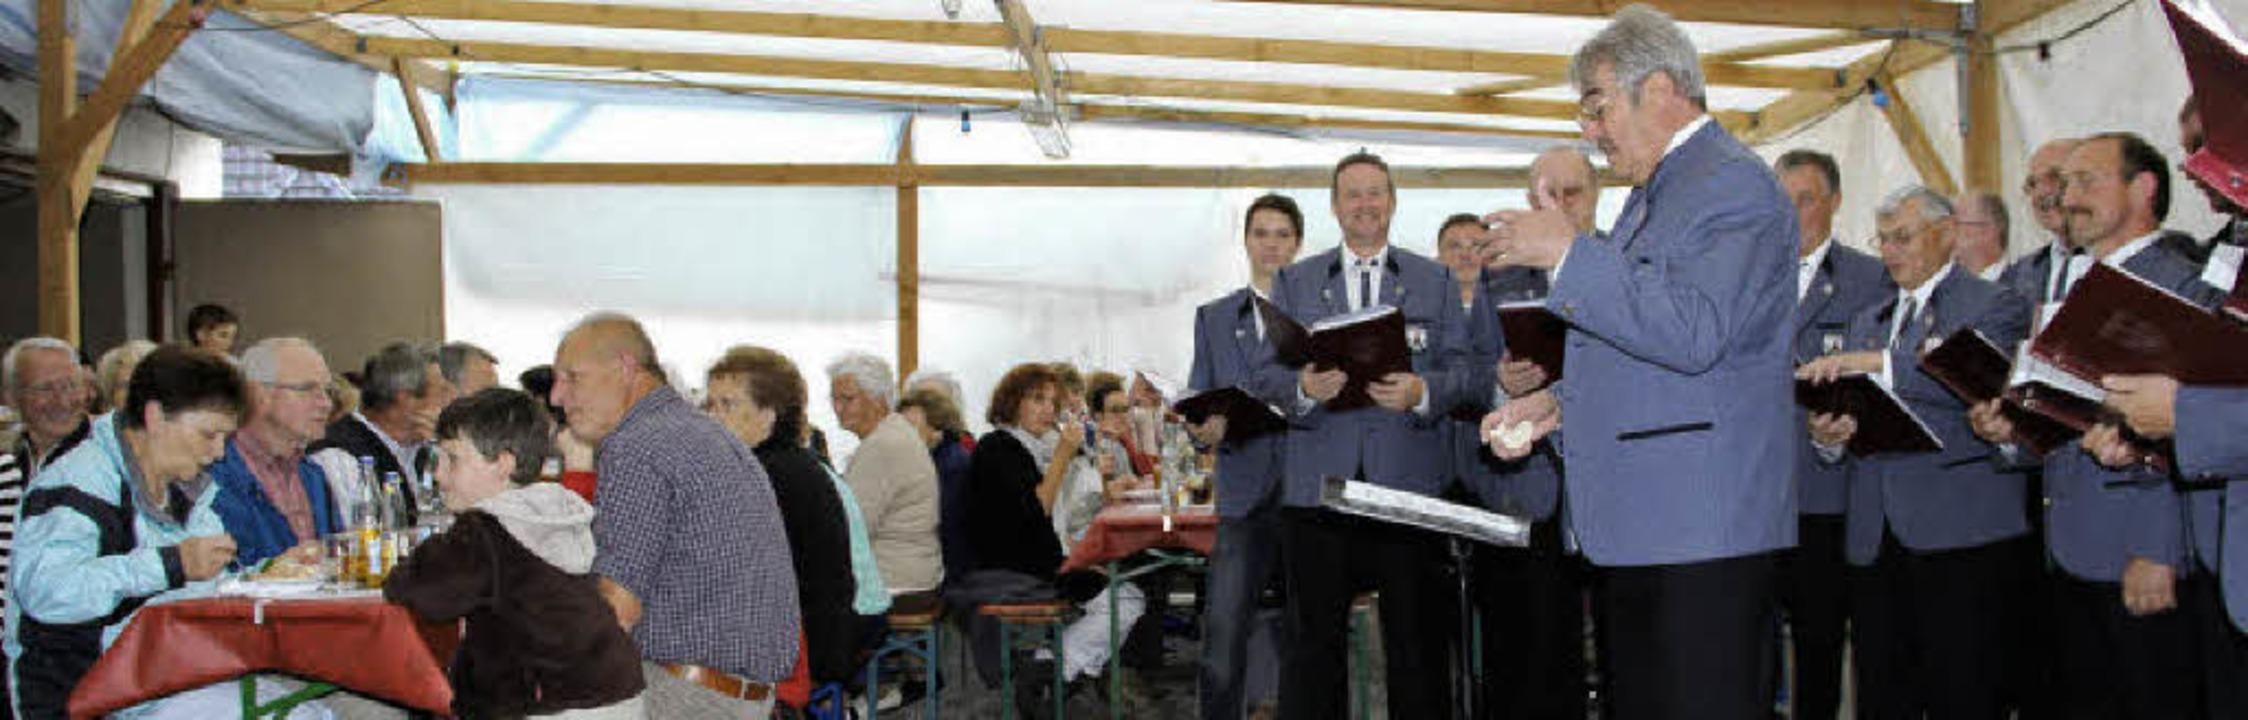 Mit Humor führte Dirigent Günther Enßl...gramm und forderte  zum Mitsingen auf.  | Foto: kannmacher